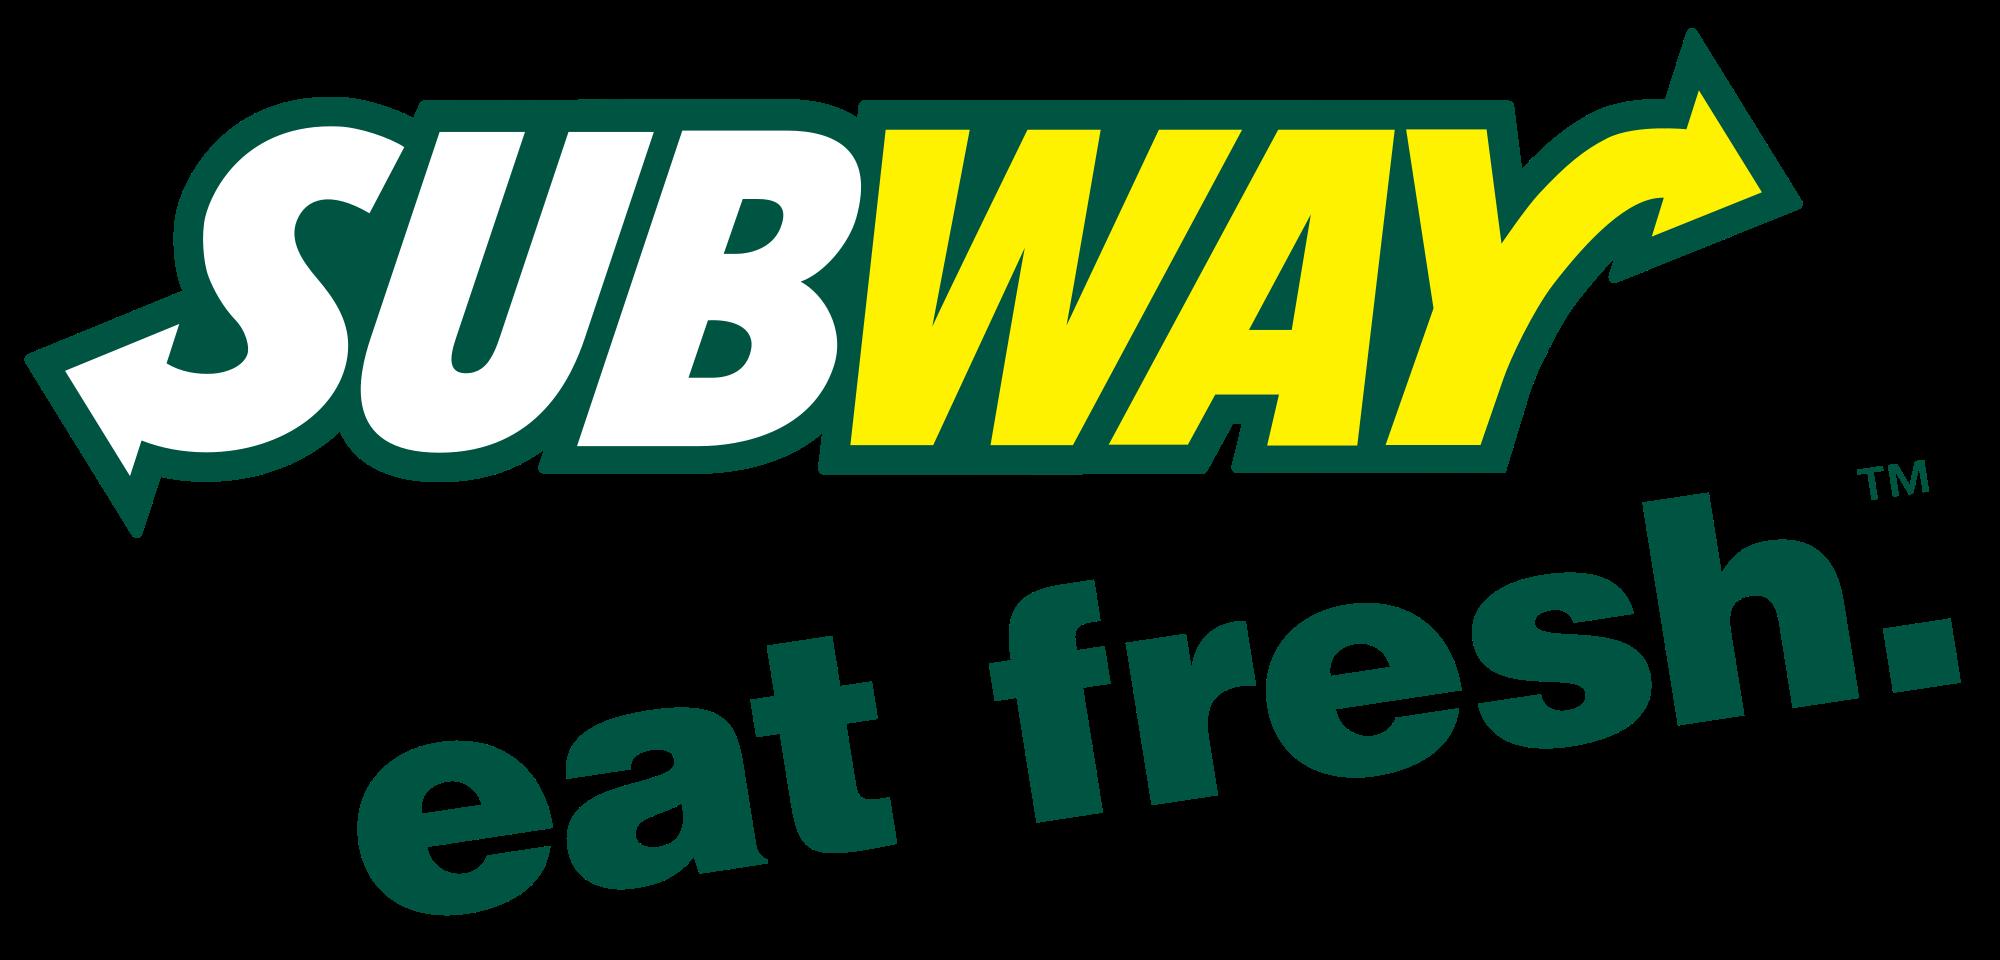 Subway PNG - 33116